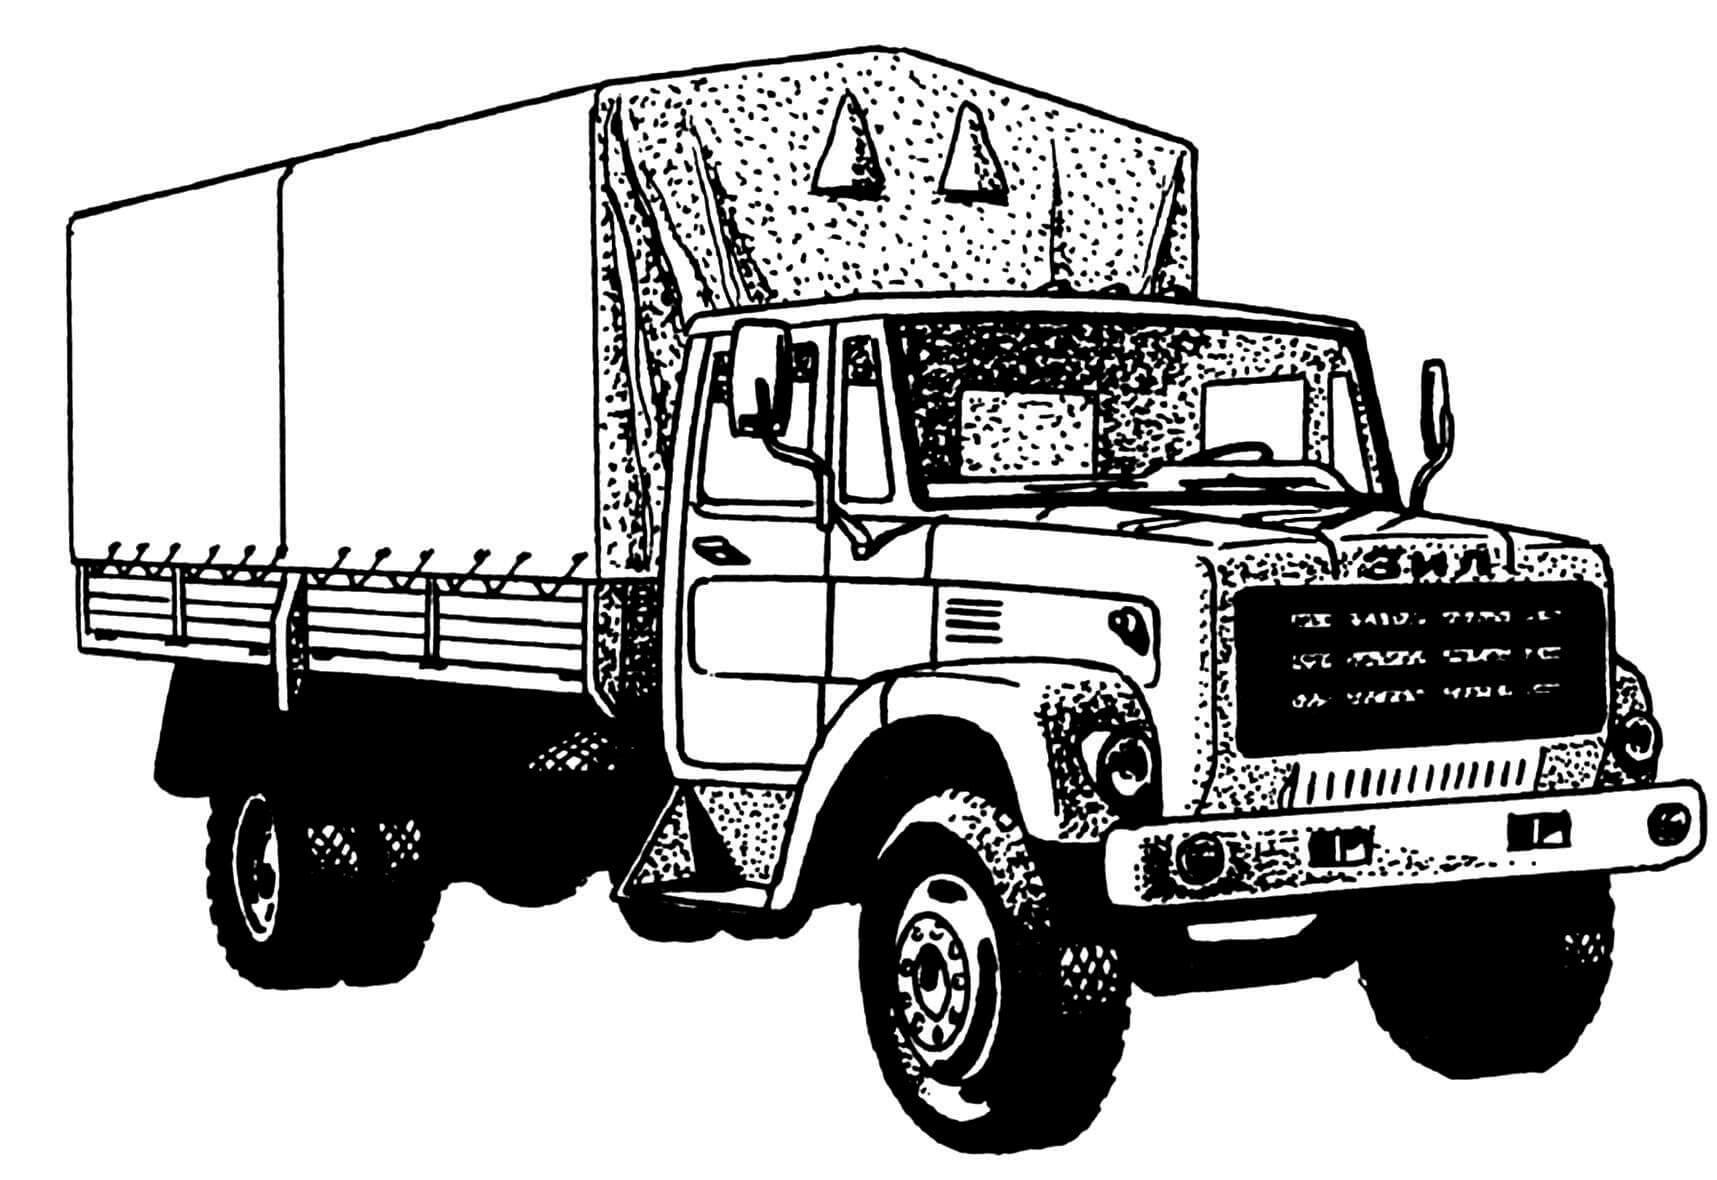 Один из первых вариантов автомобиля ЗИЛ-4331.